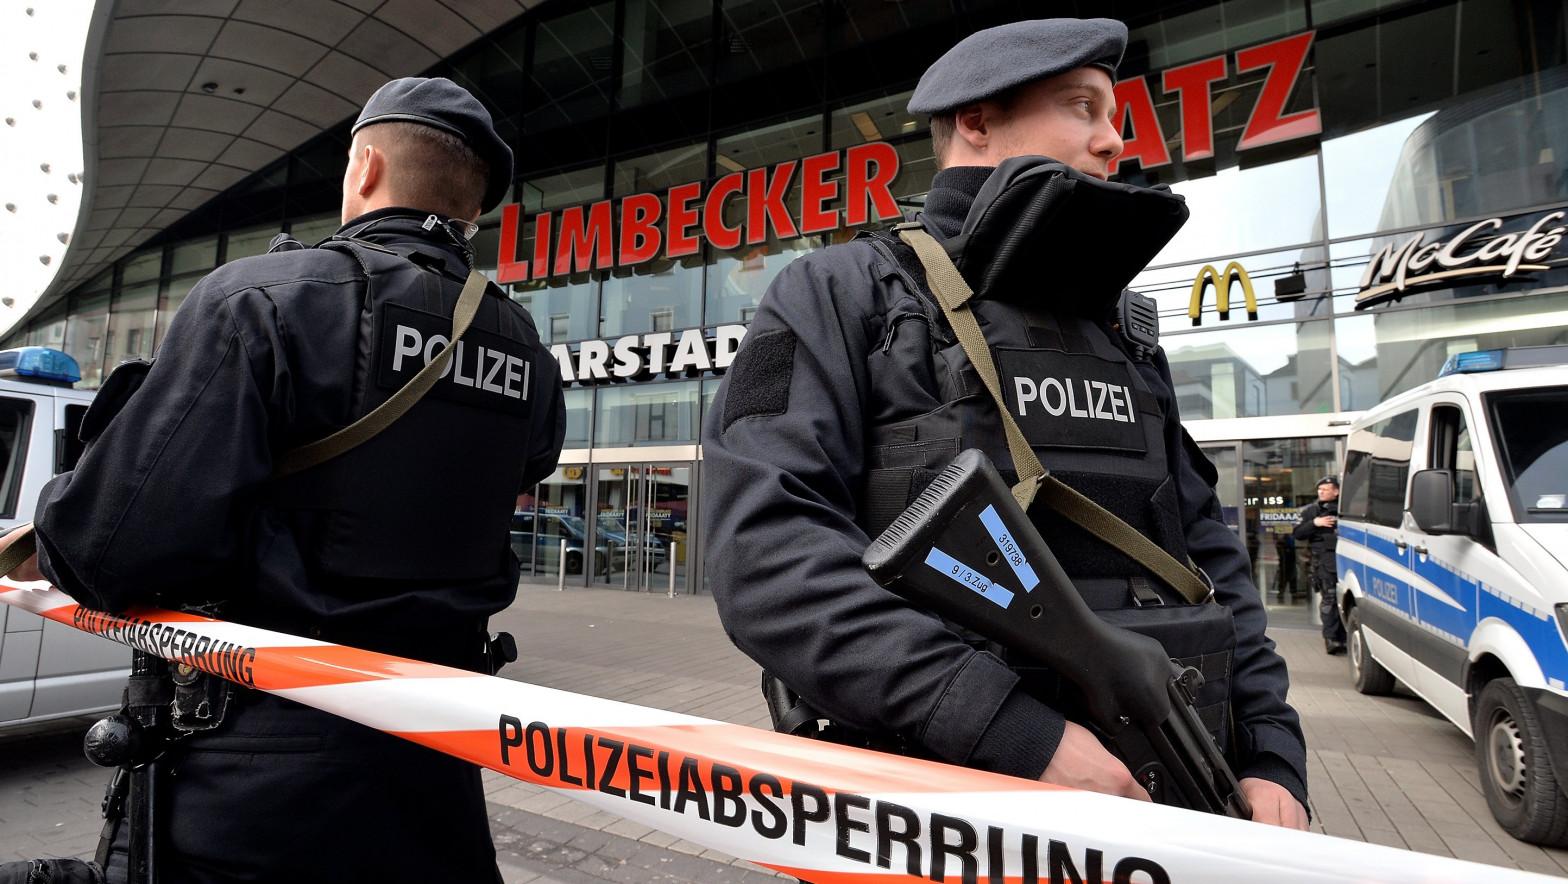 Condenan a diez años y medio de cárcel al supuesto líder del Daesh en Alemania